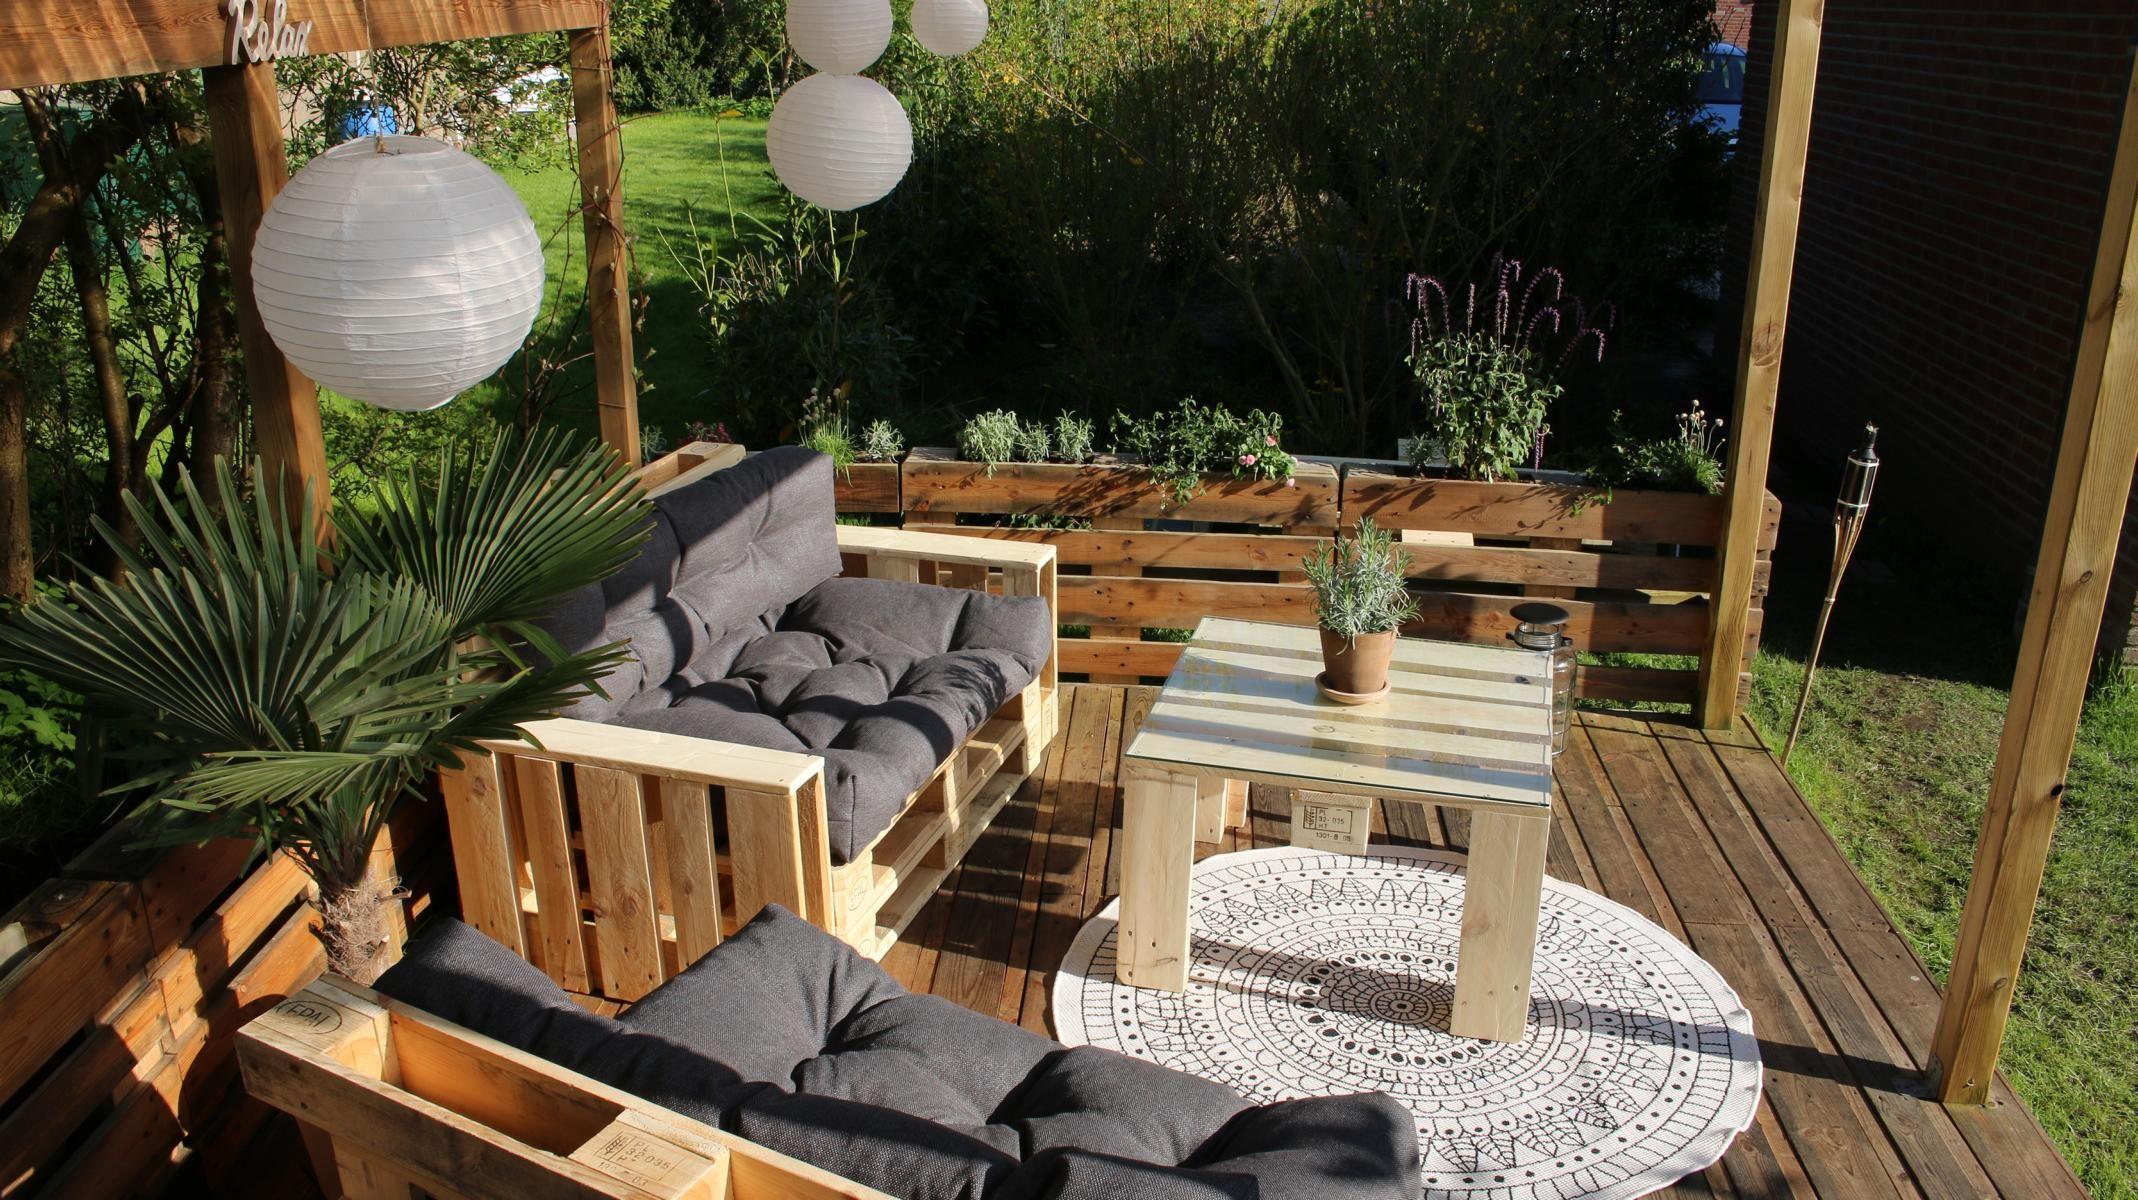 Lounge Of Pallets With Pallet Cushions Pallet Furniture Diy Terrasse Aus Paletten Möbel Aus Paletten Palettenmöbel Selber Bauen